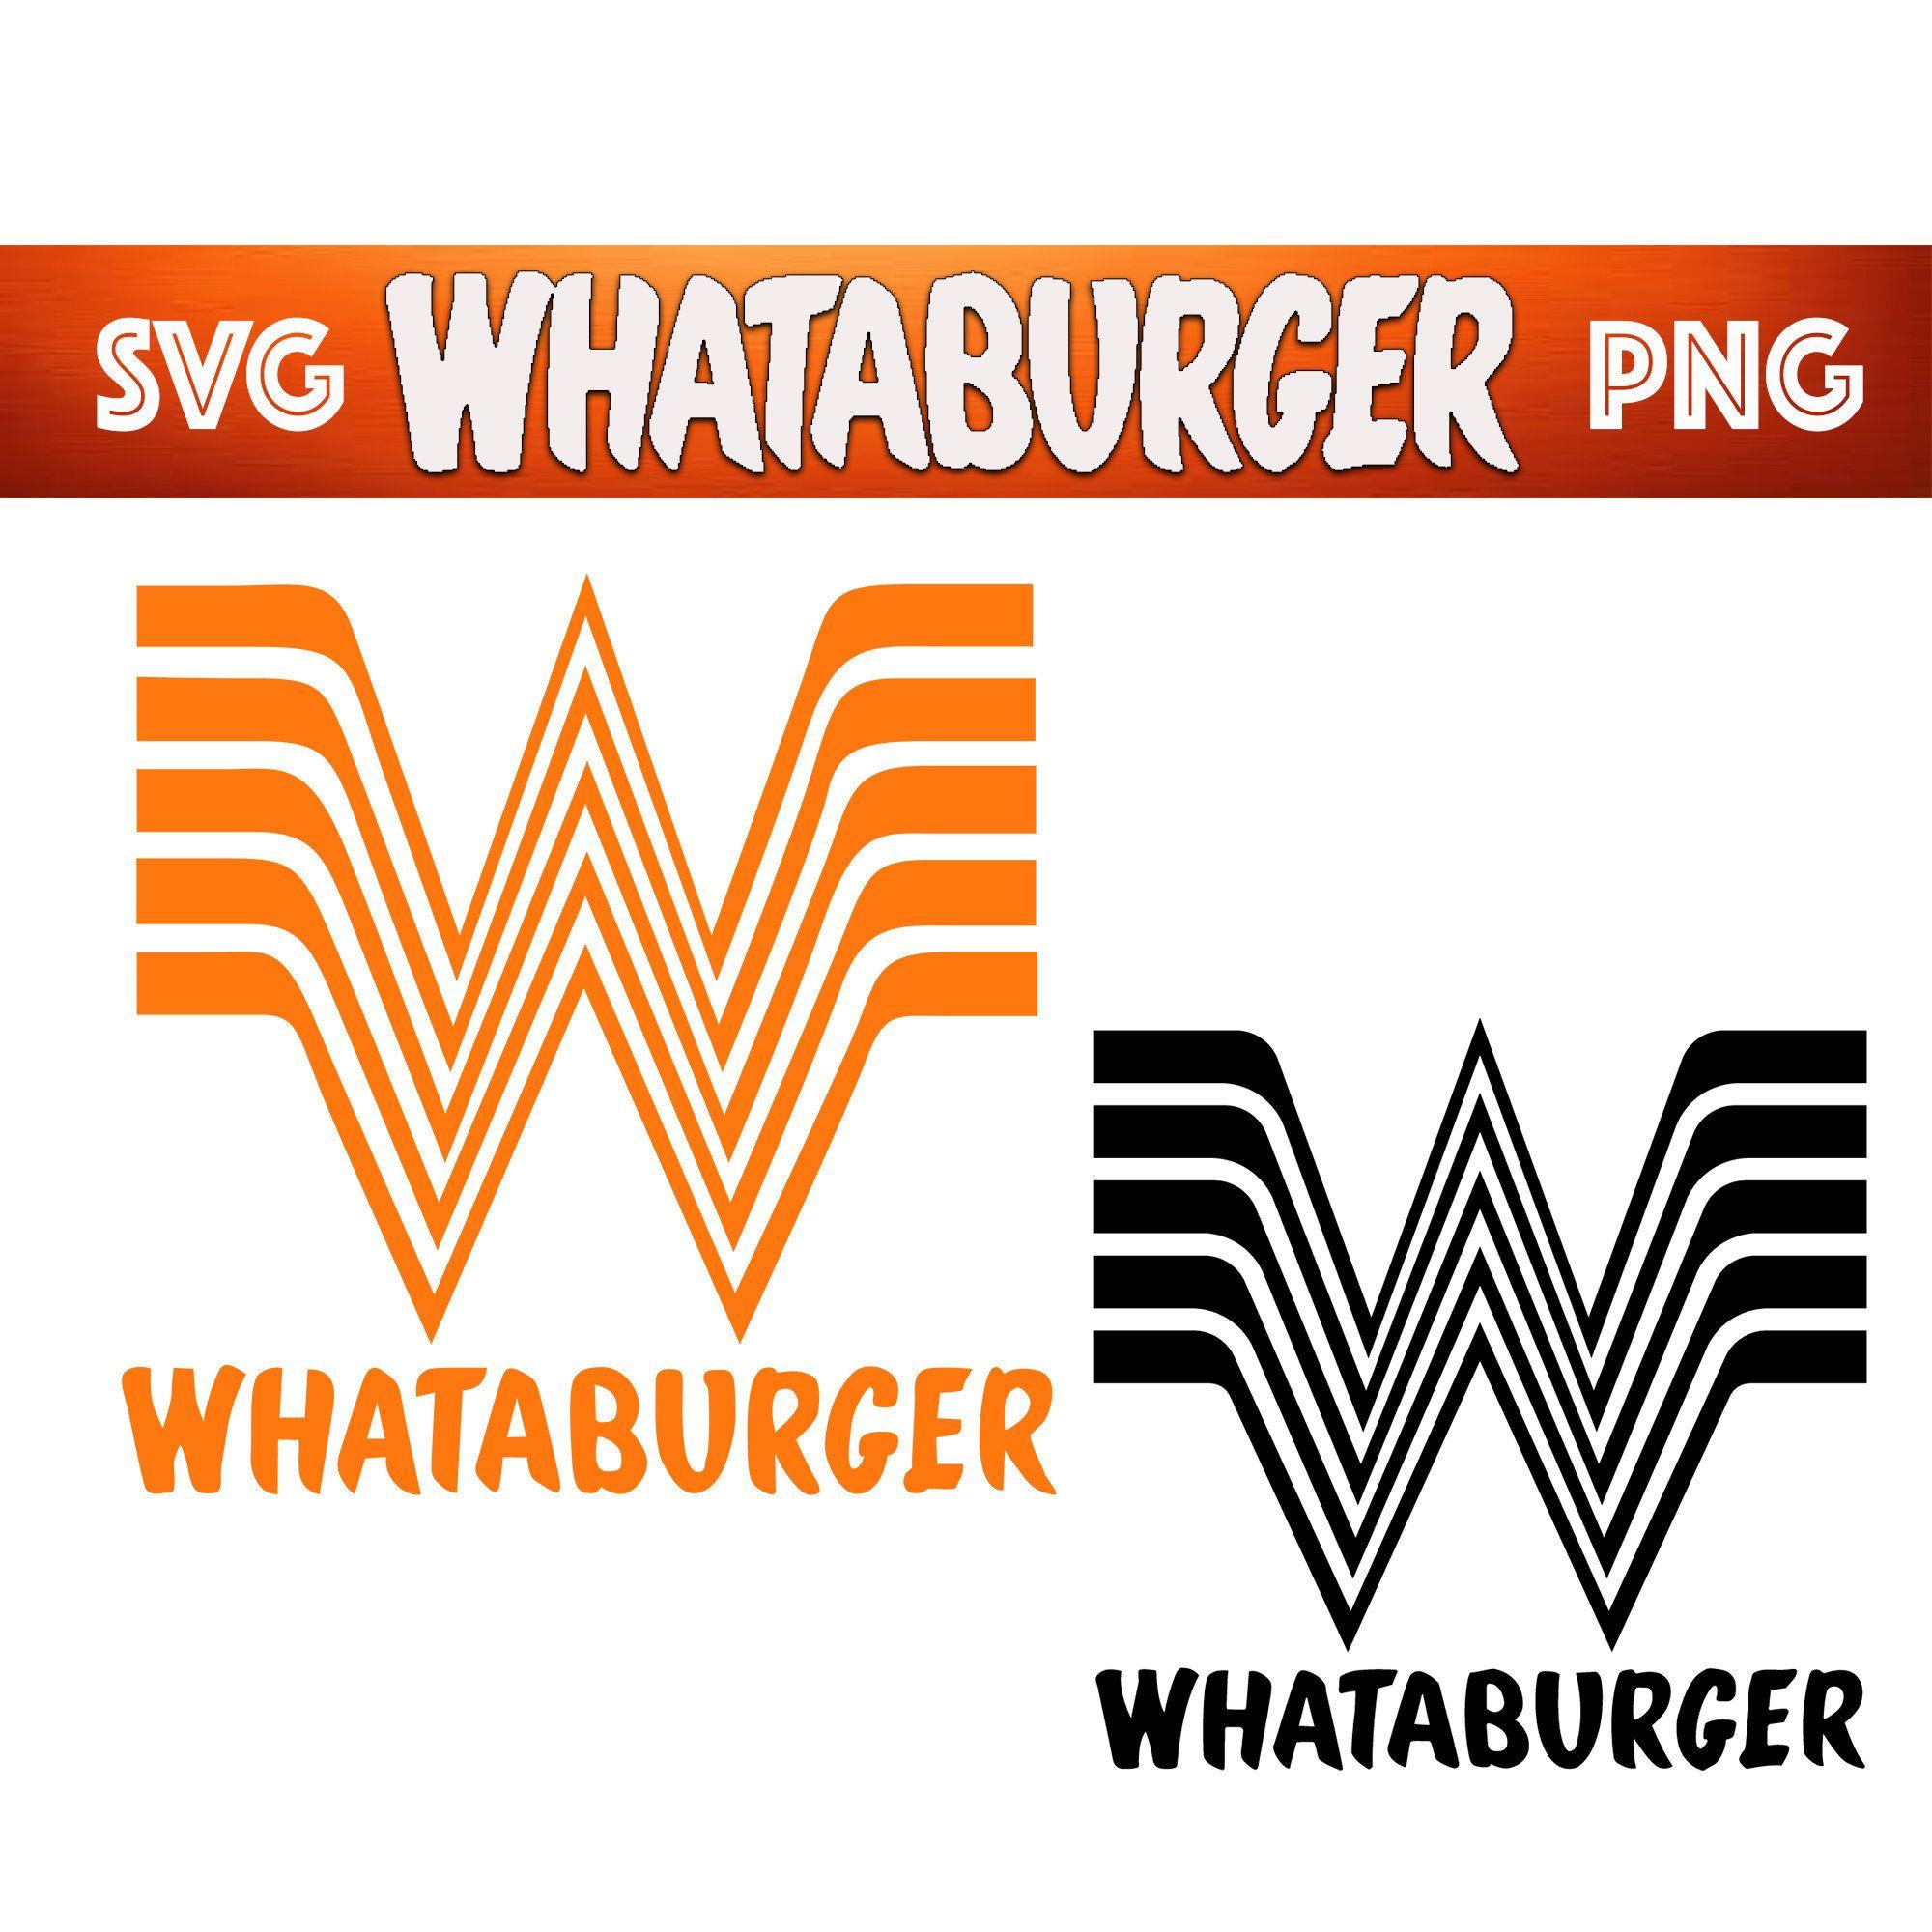 Whataburger Svg Png Black White Orange Transparent Background Set Png Clipart Digital Download Tumblers Clip Art Clipart Black And White Black And White